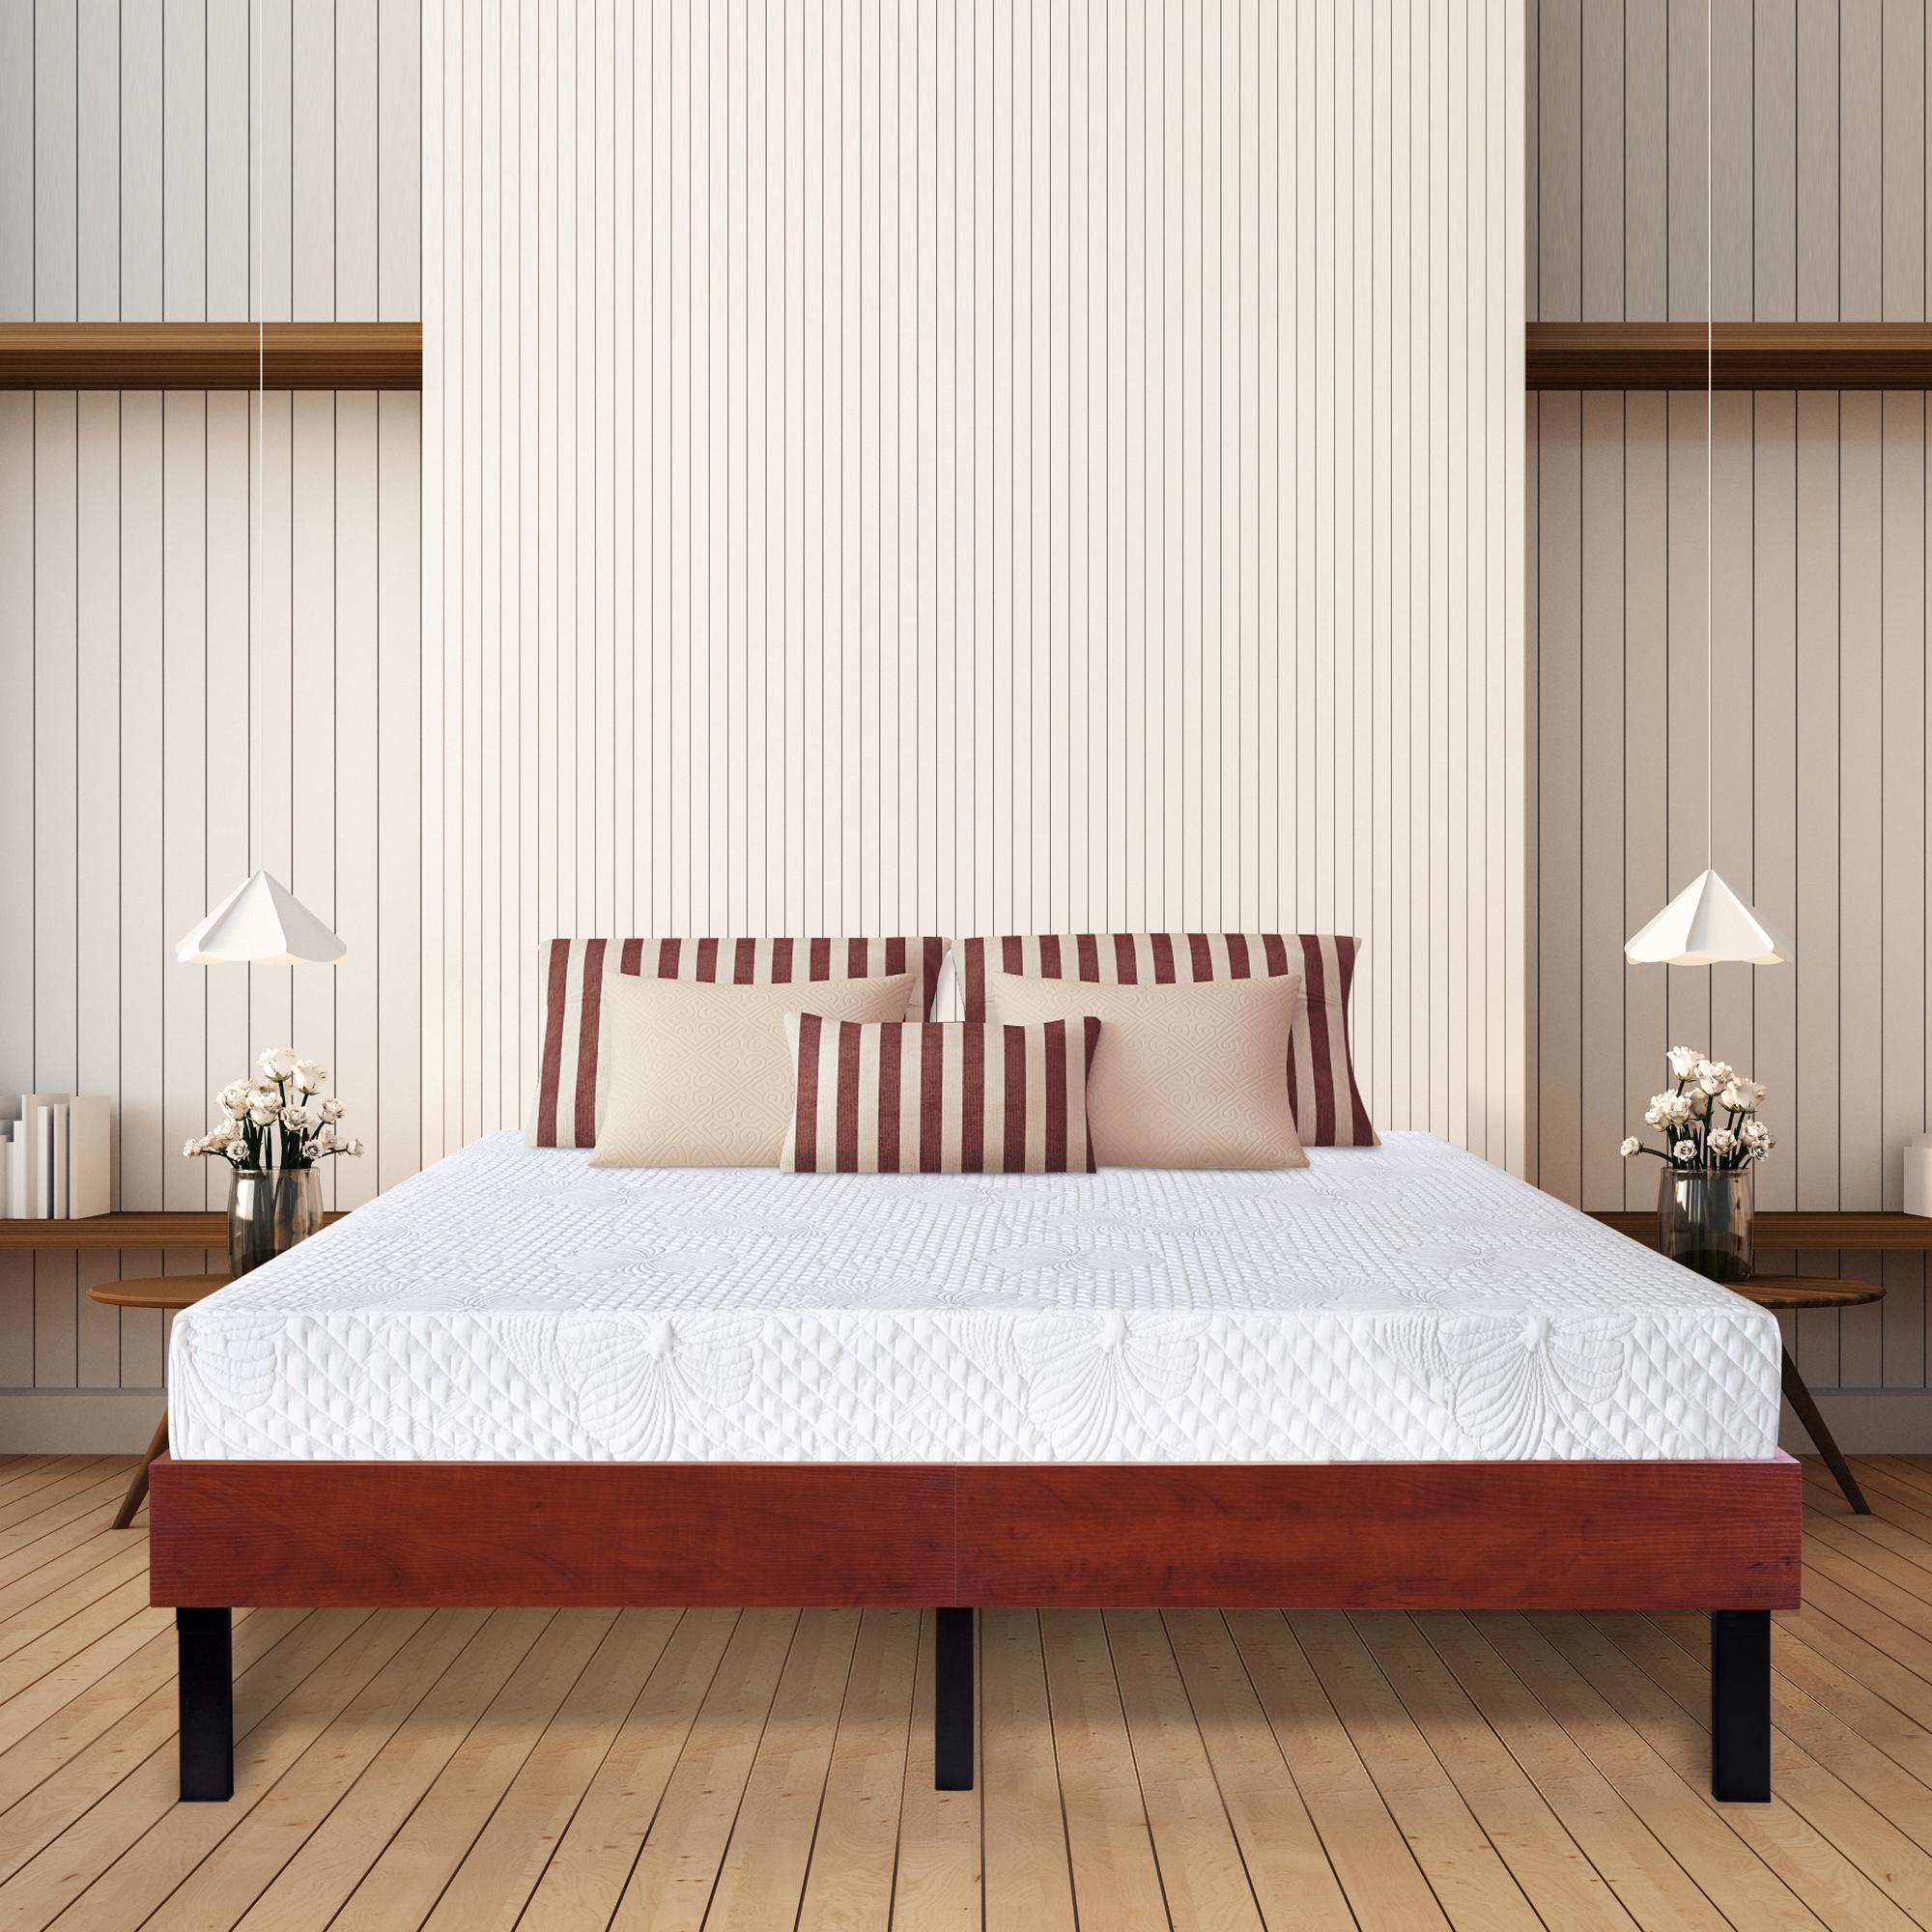 GranRest 14 Inch Wood Platform Bed Frame/ Steel Slat support, Classic Brown